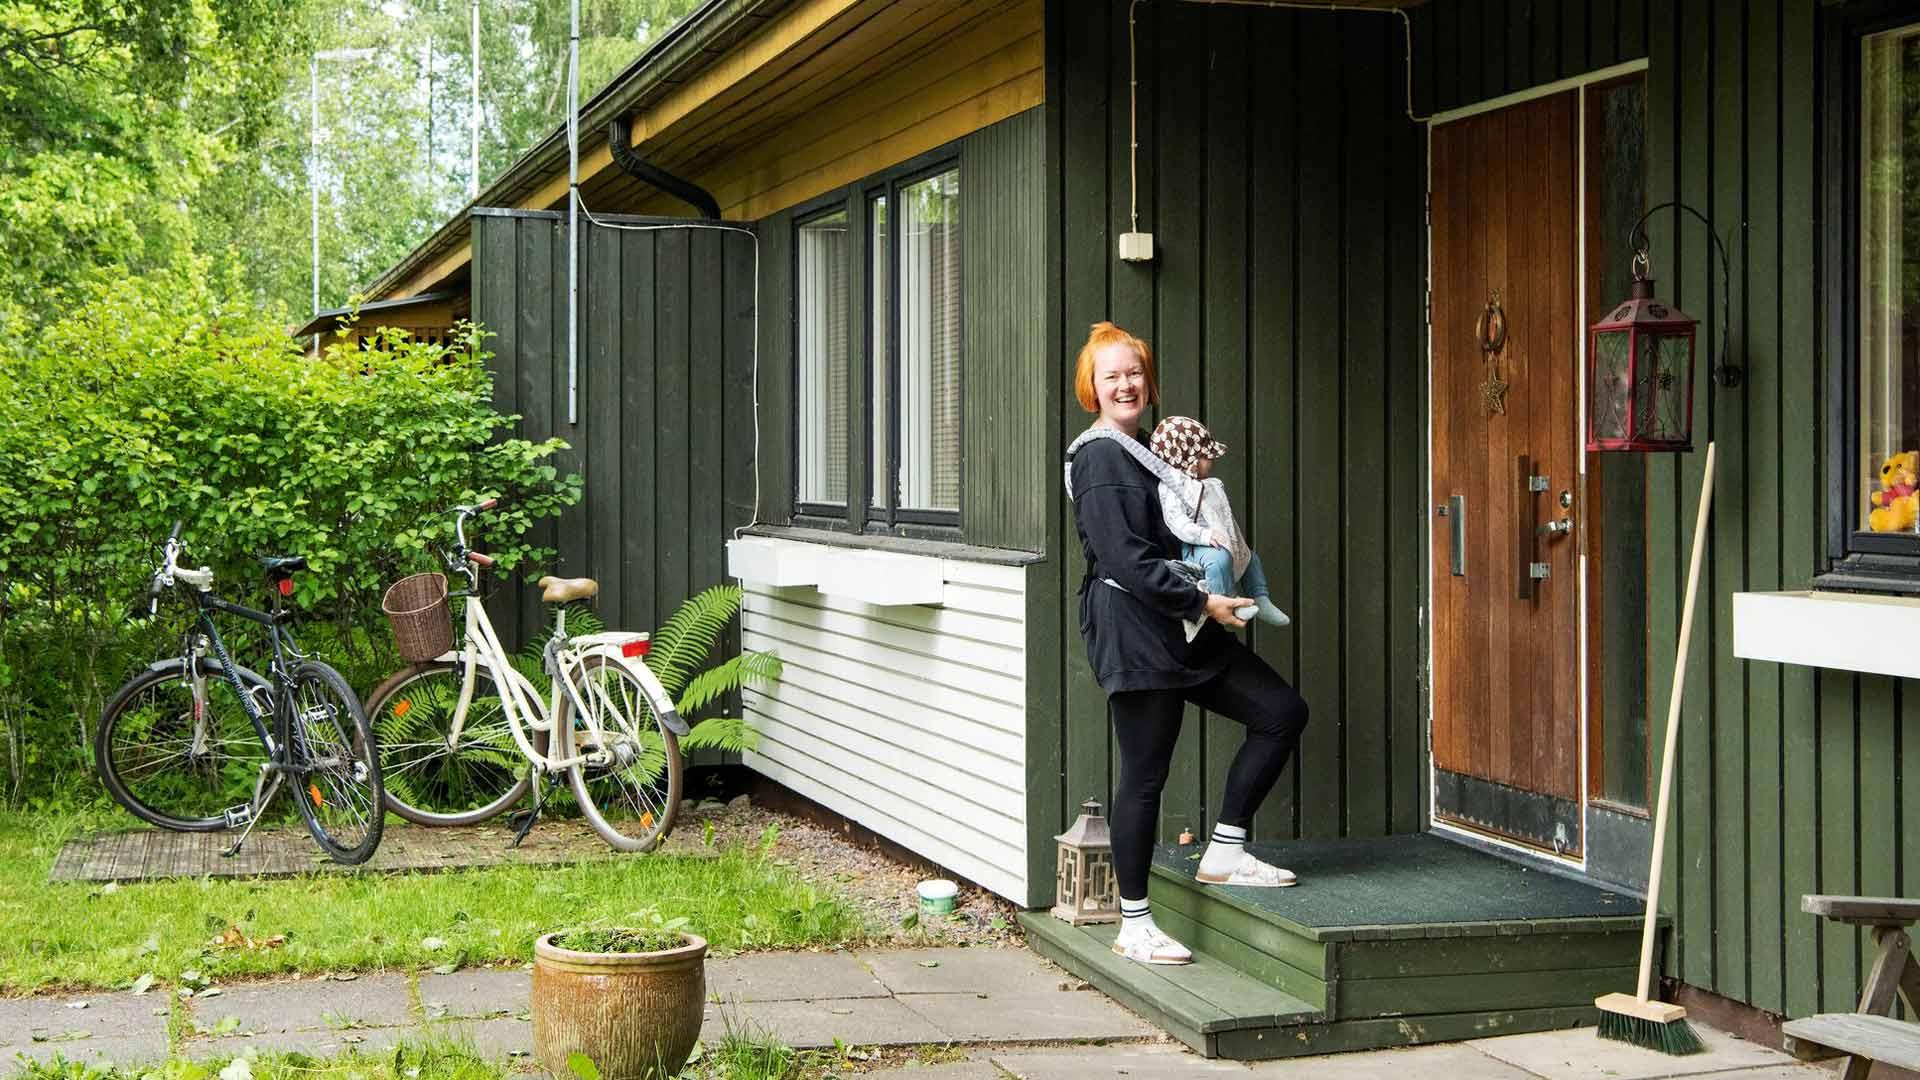 """Janette Vainio Sauli-vauvan kanssa kertoo, että he pitävät rivitaloasunnon retrotyylistä. Vainio arvostaa luonnonläheisyyttä ja omaa pihaa. """"Tämä on viihtyisä alue. Ja tämä arkkitehtuuri! Vaikka olen monet kerrat katsonut kaikki talot läpi, aina vain ihastelen niitä."""""""